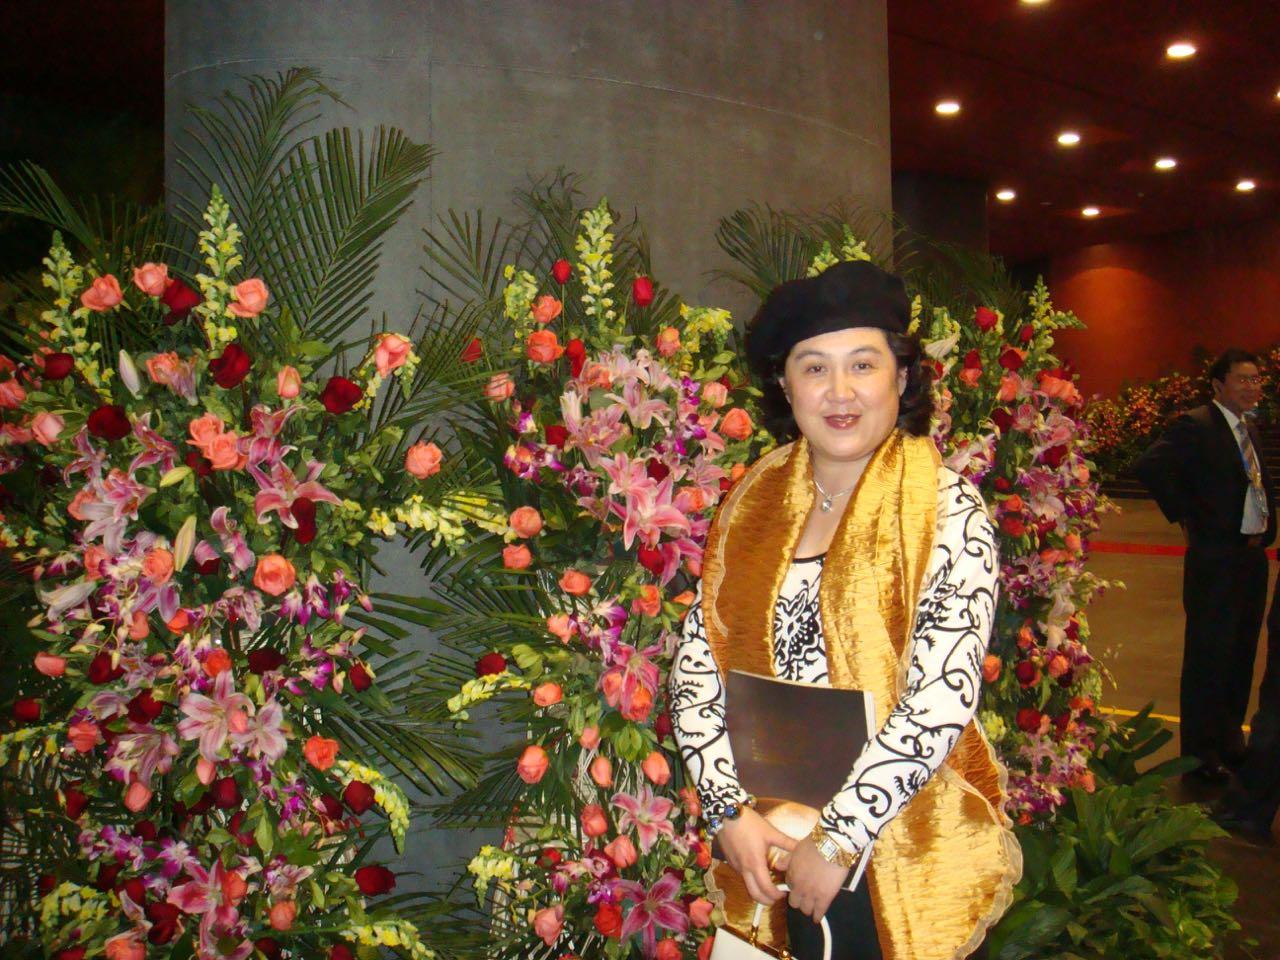 Felicia Feng Zhang